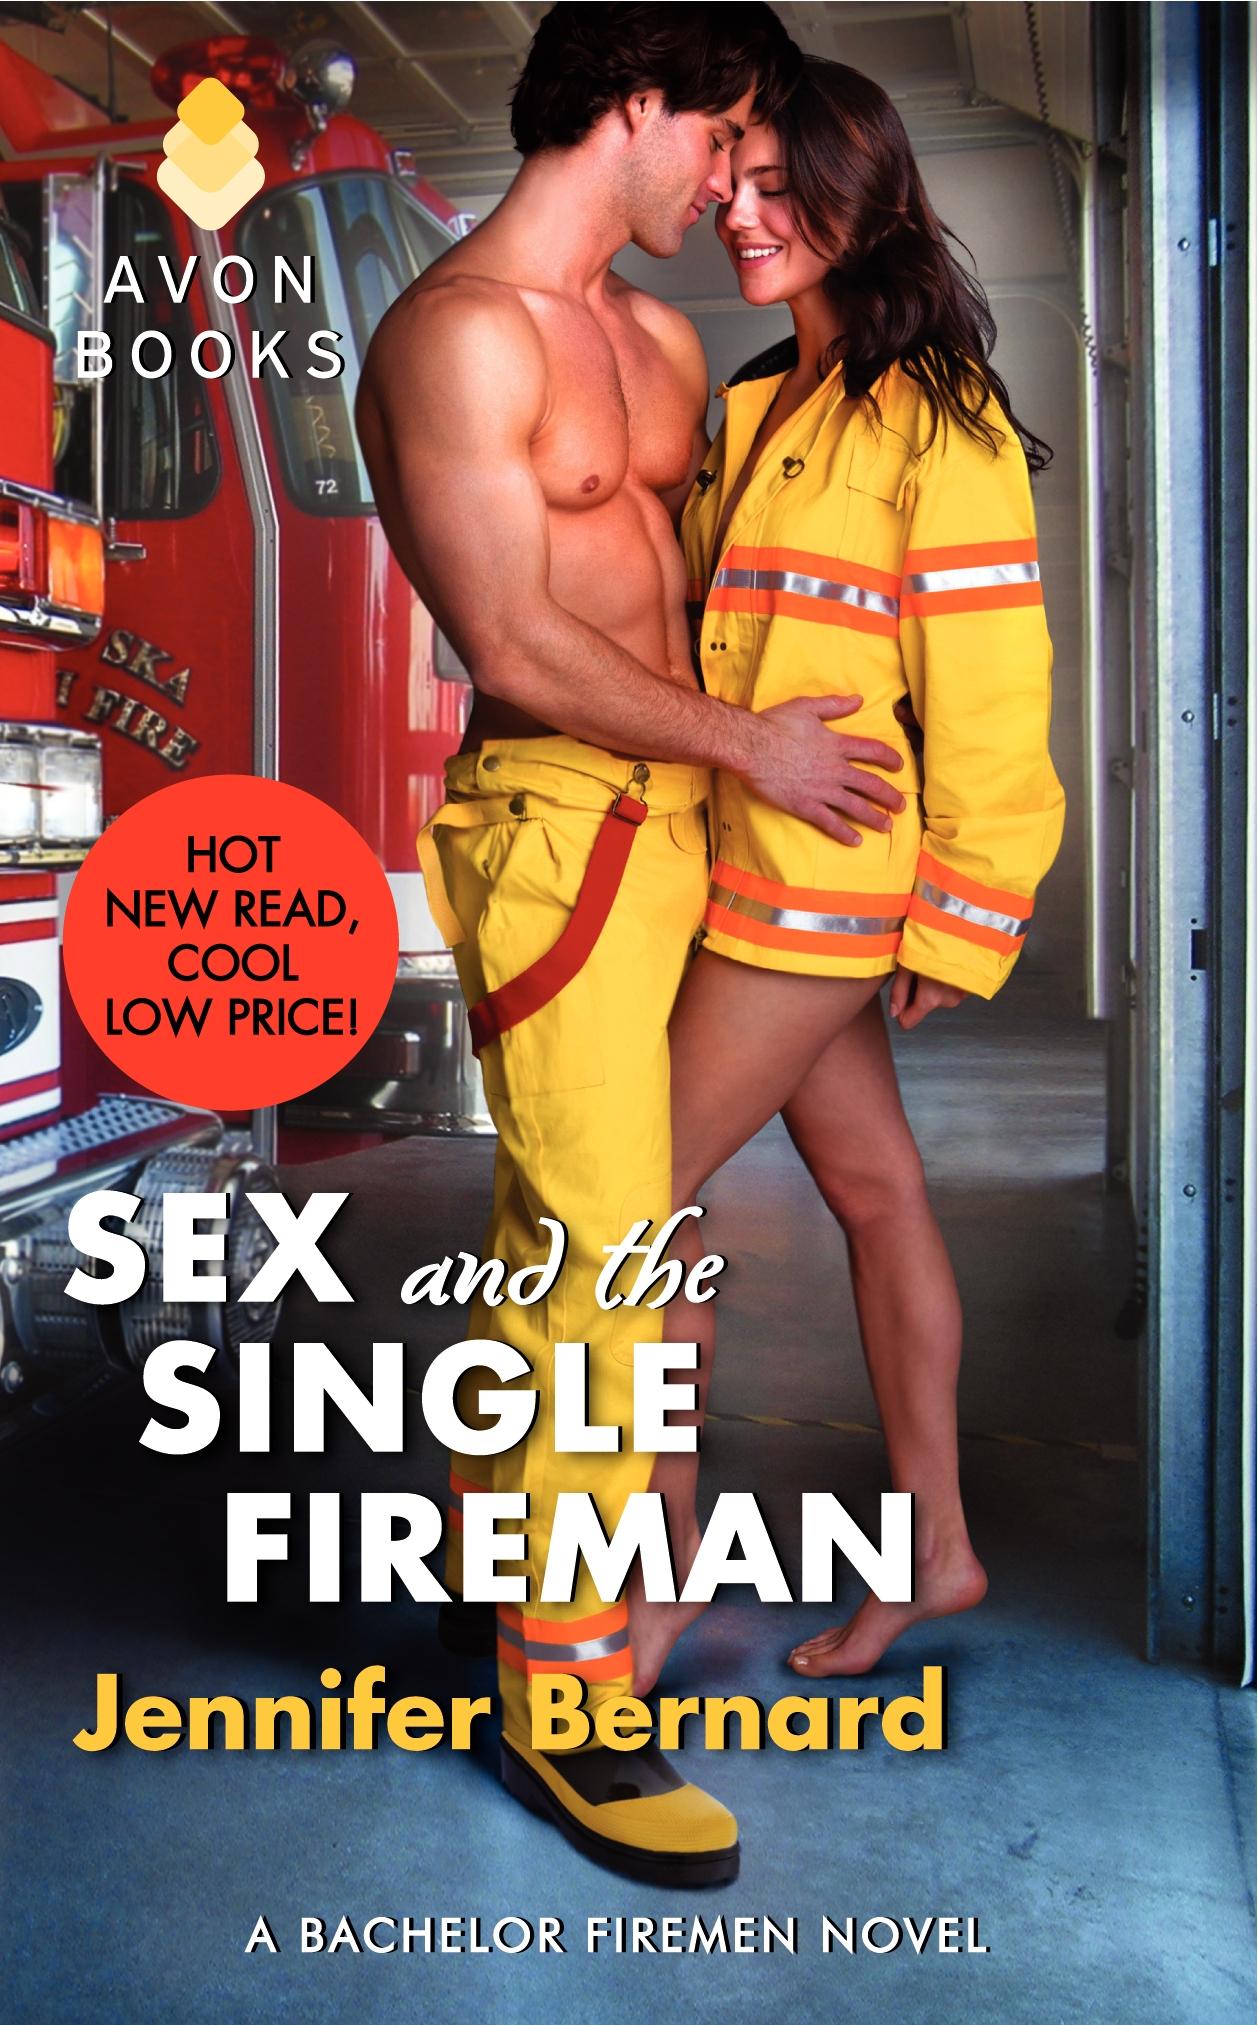 Jennifer Bernard The Bachelor Firemen of San Gabriel Sex and the Single Fireman 3.jpg